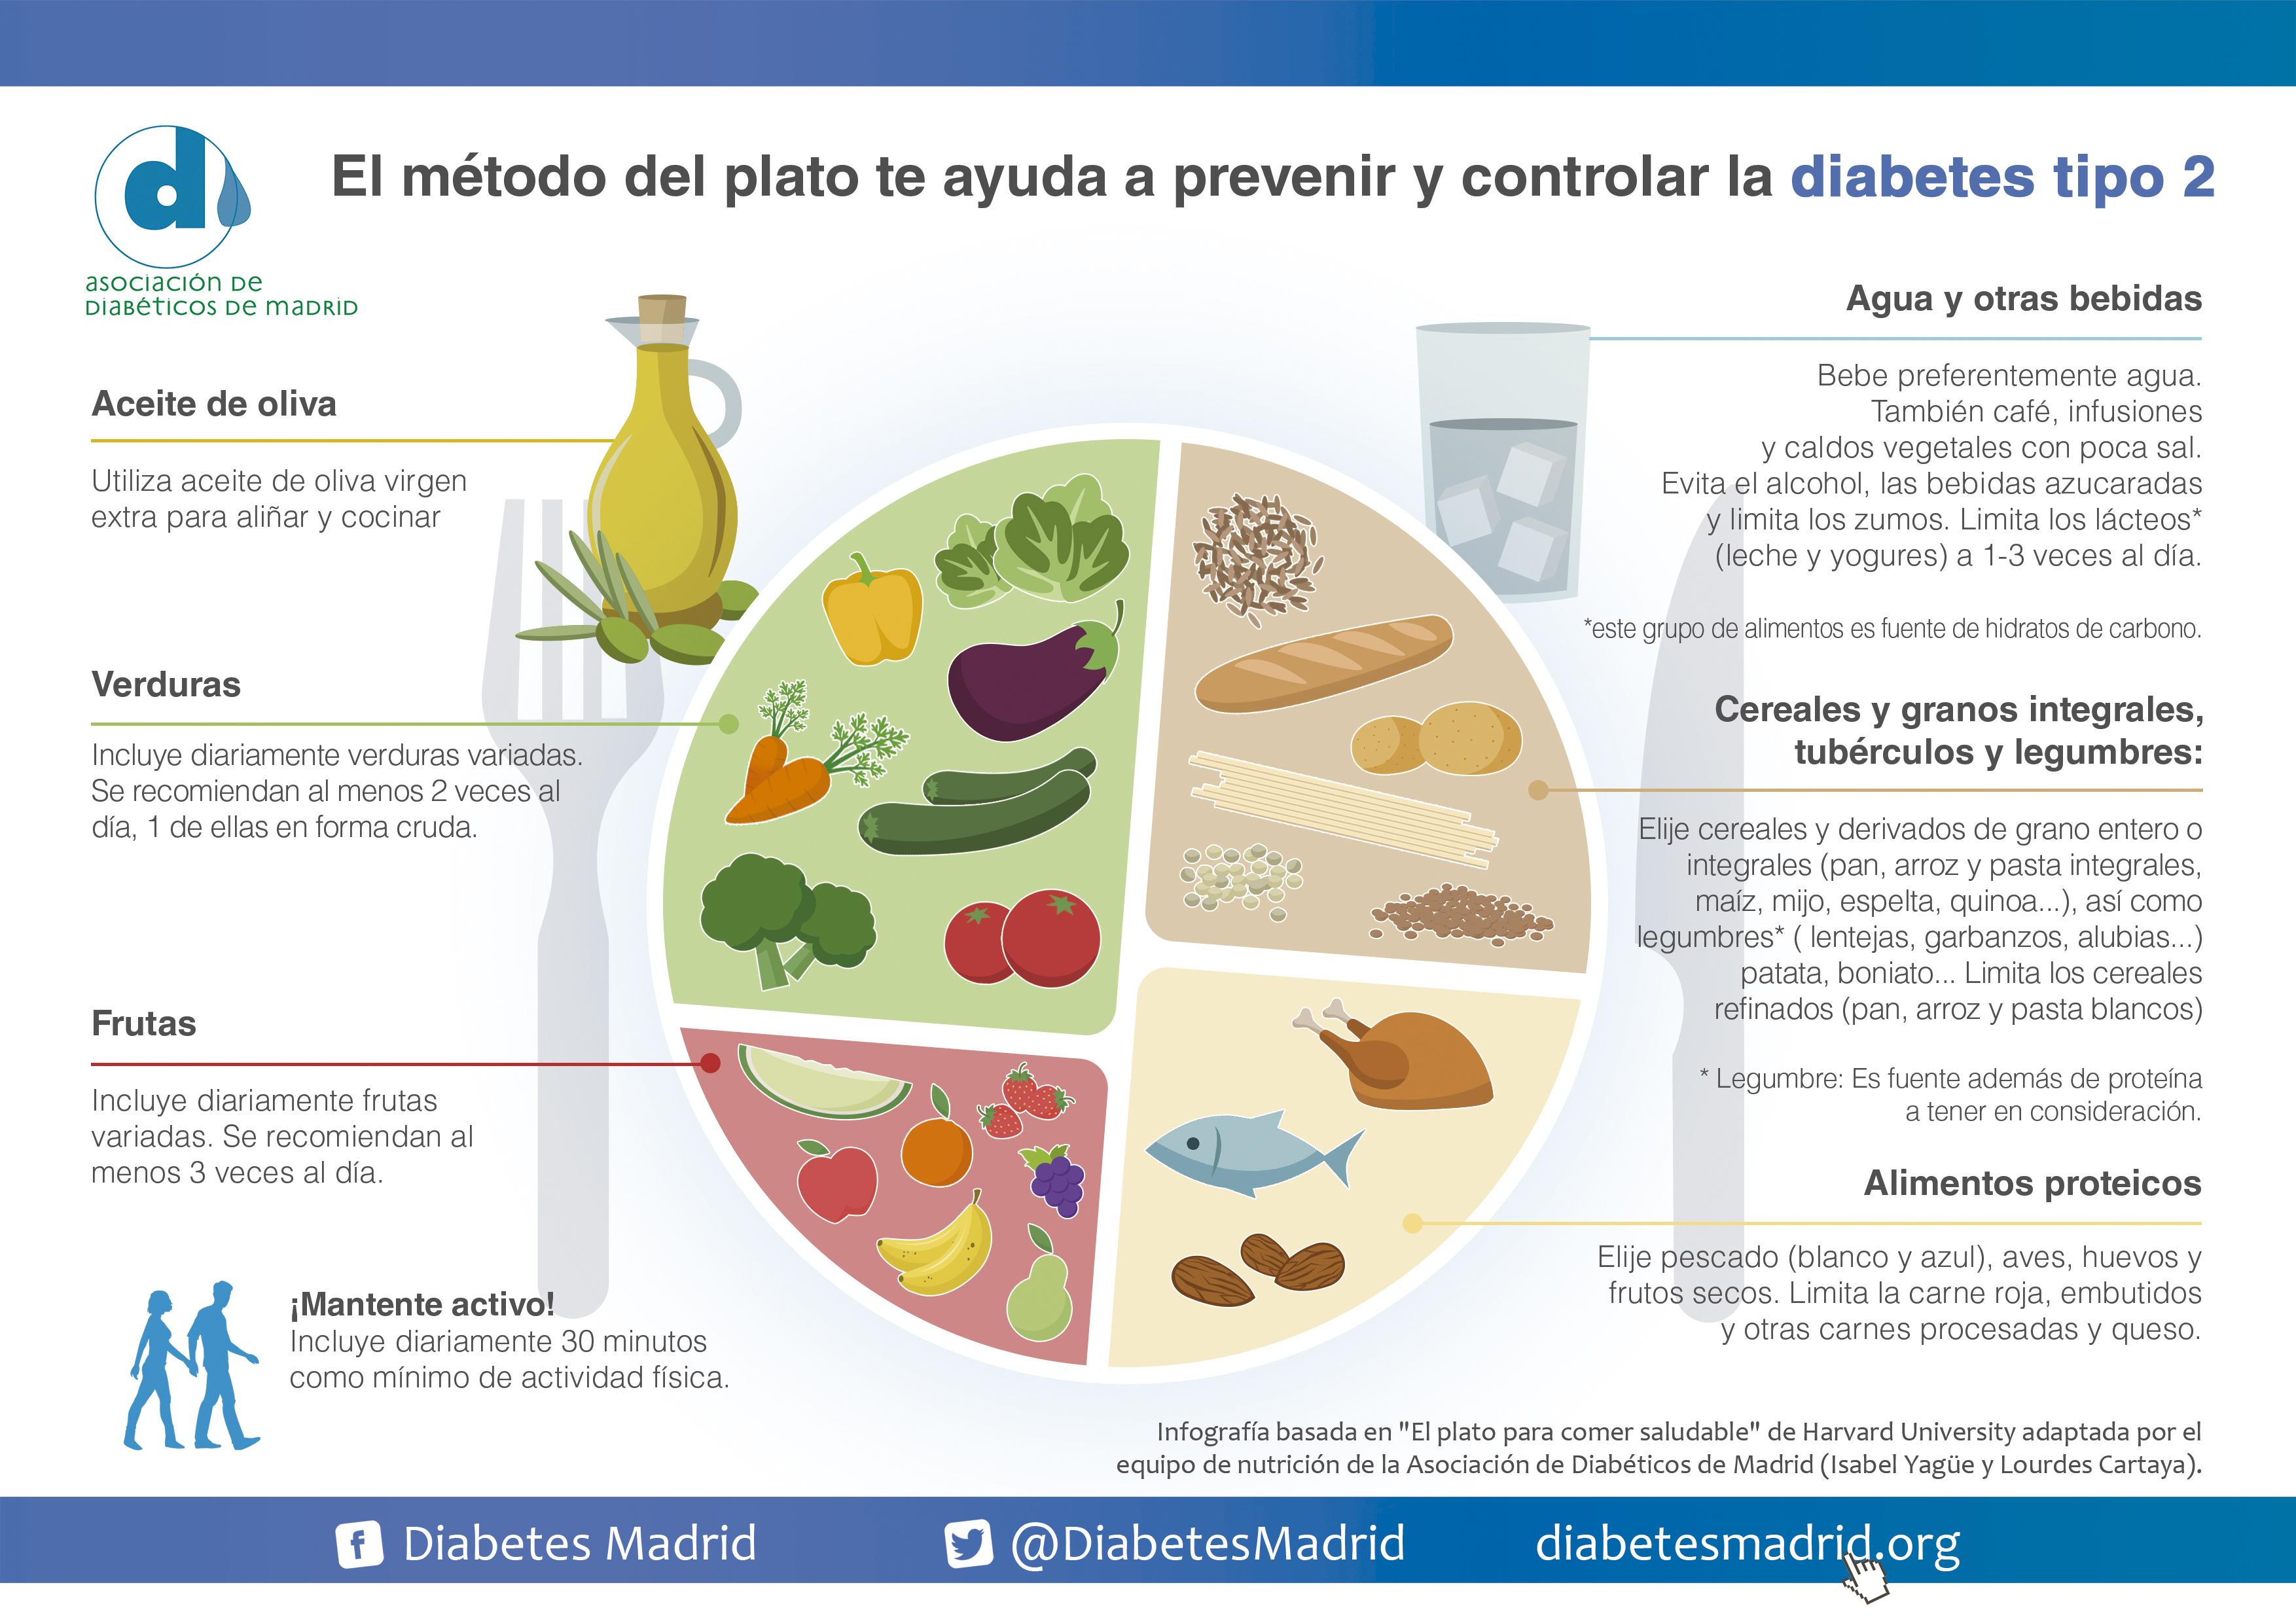 enfermedad de tratamiento de diabetes mellitus tipo 1